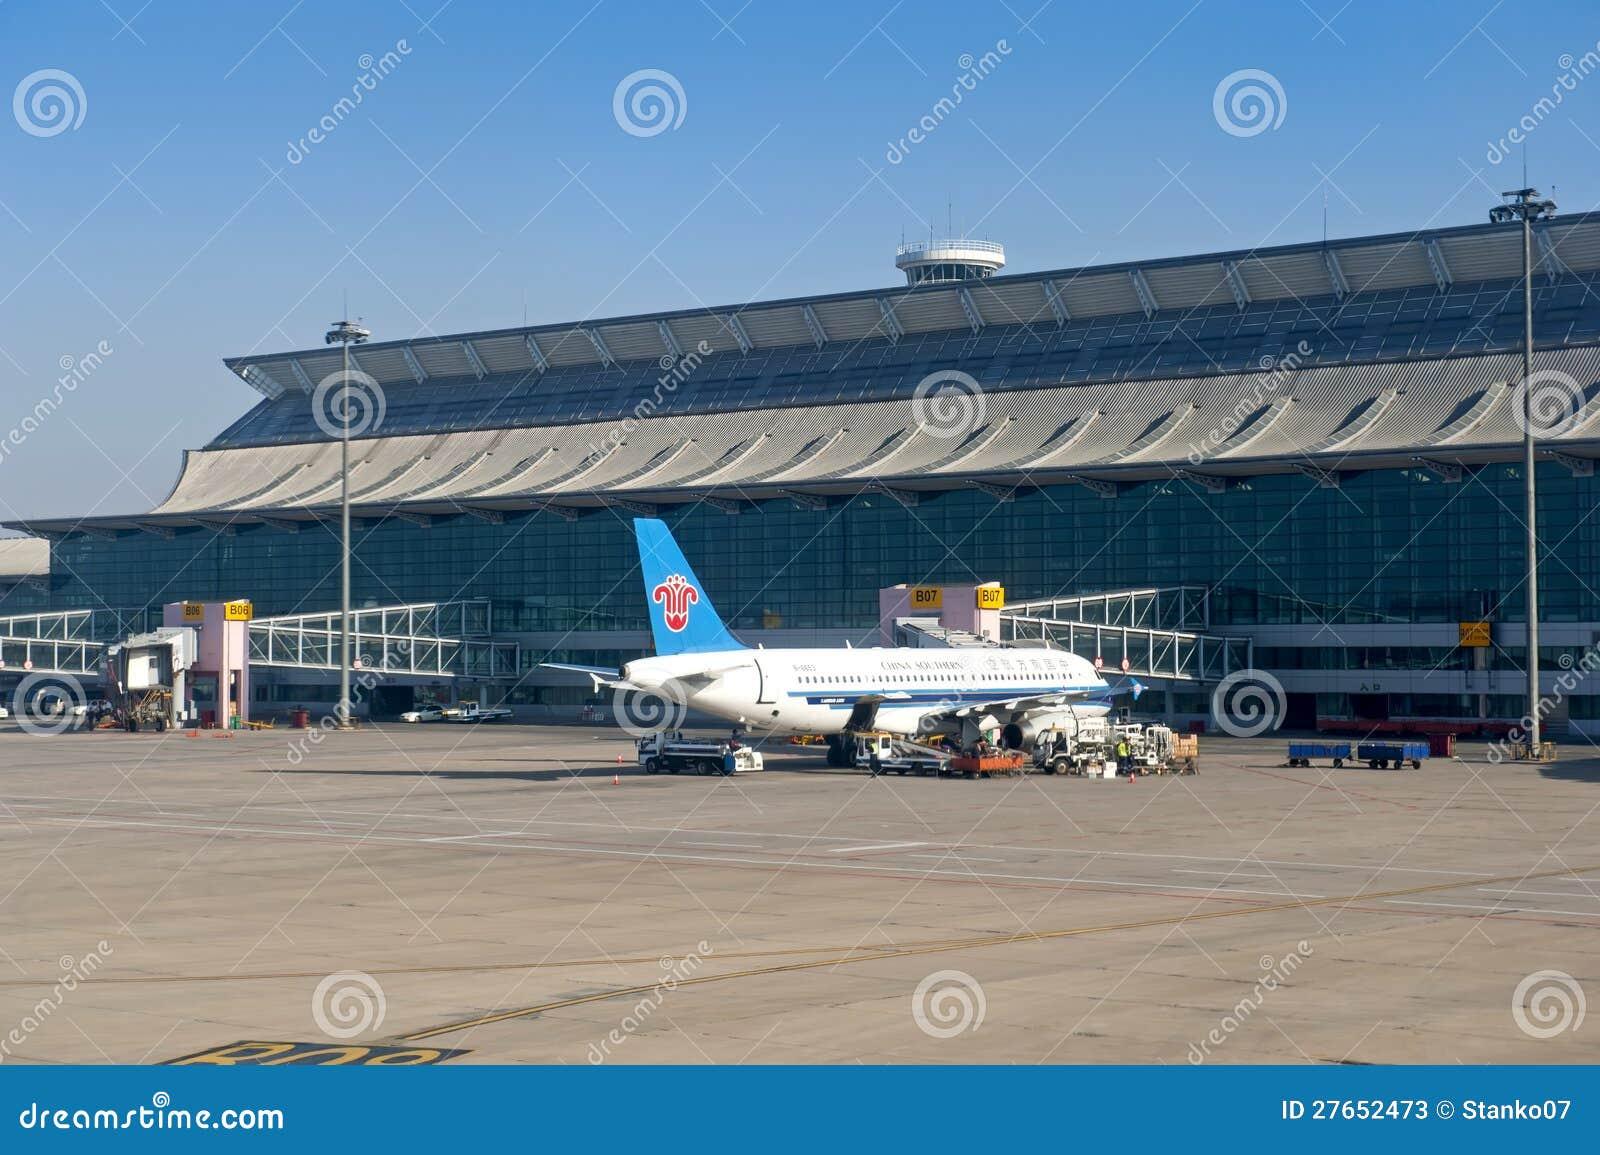 Xian Aeroporto : Shenyang taoxian international airport editorial stock photo